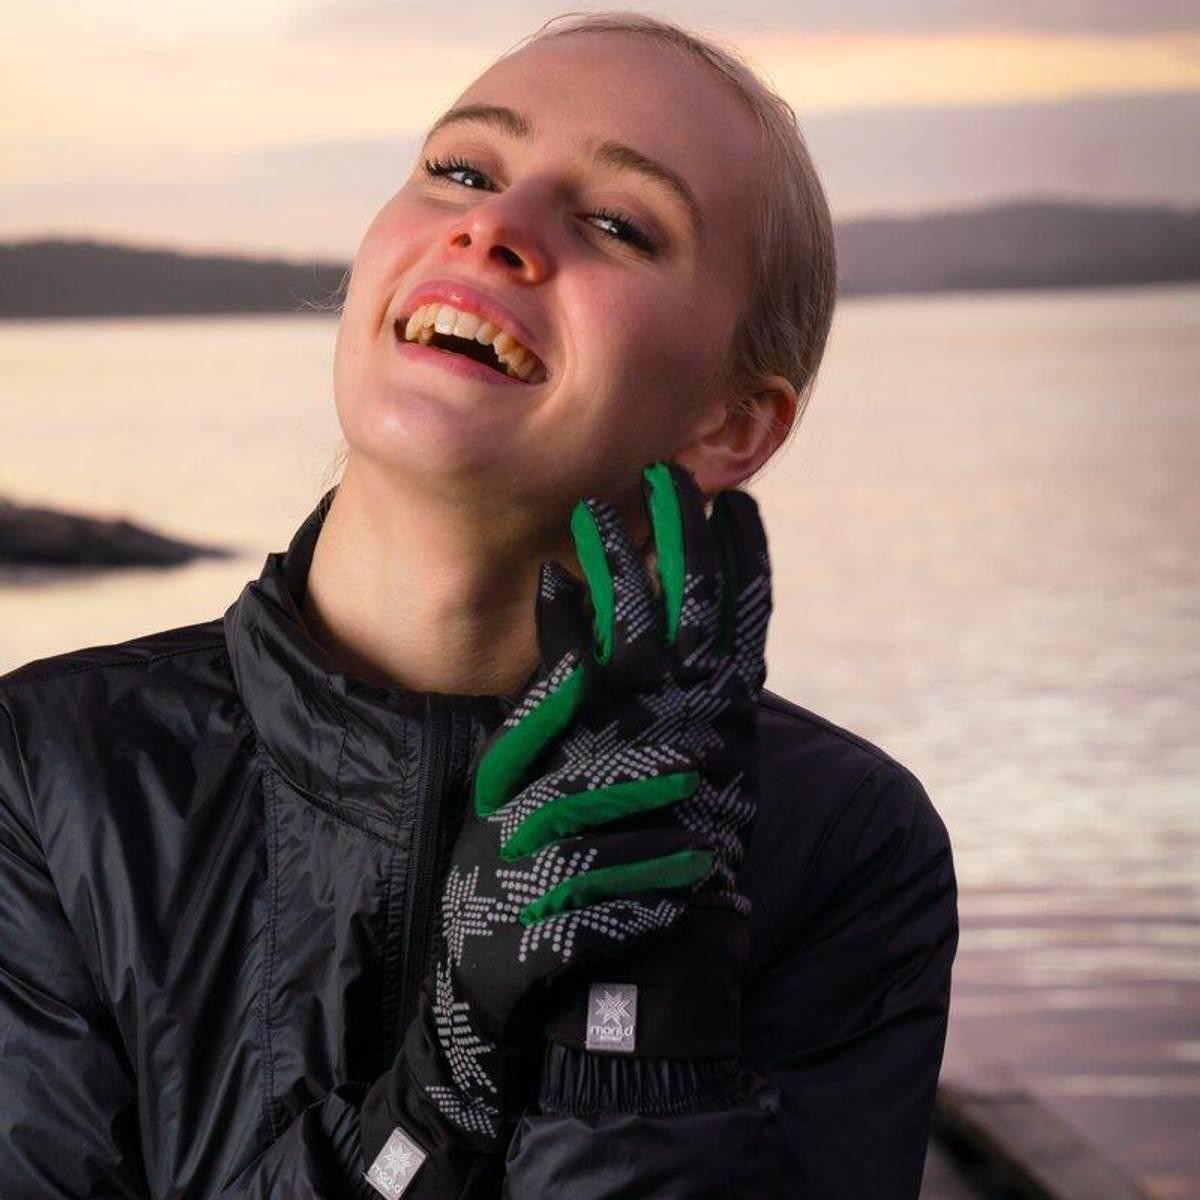 Morild Skimre hanske med refleks, furugrønn